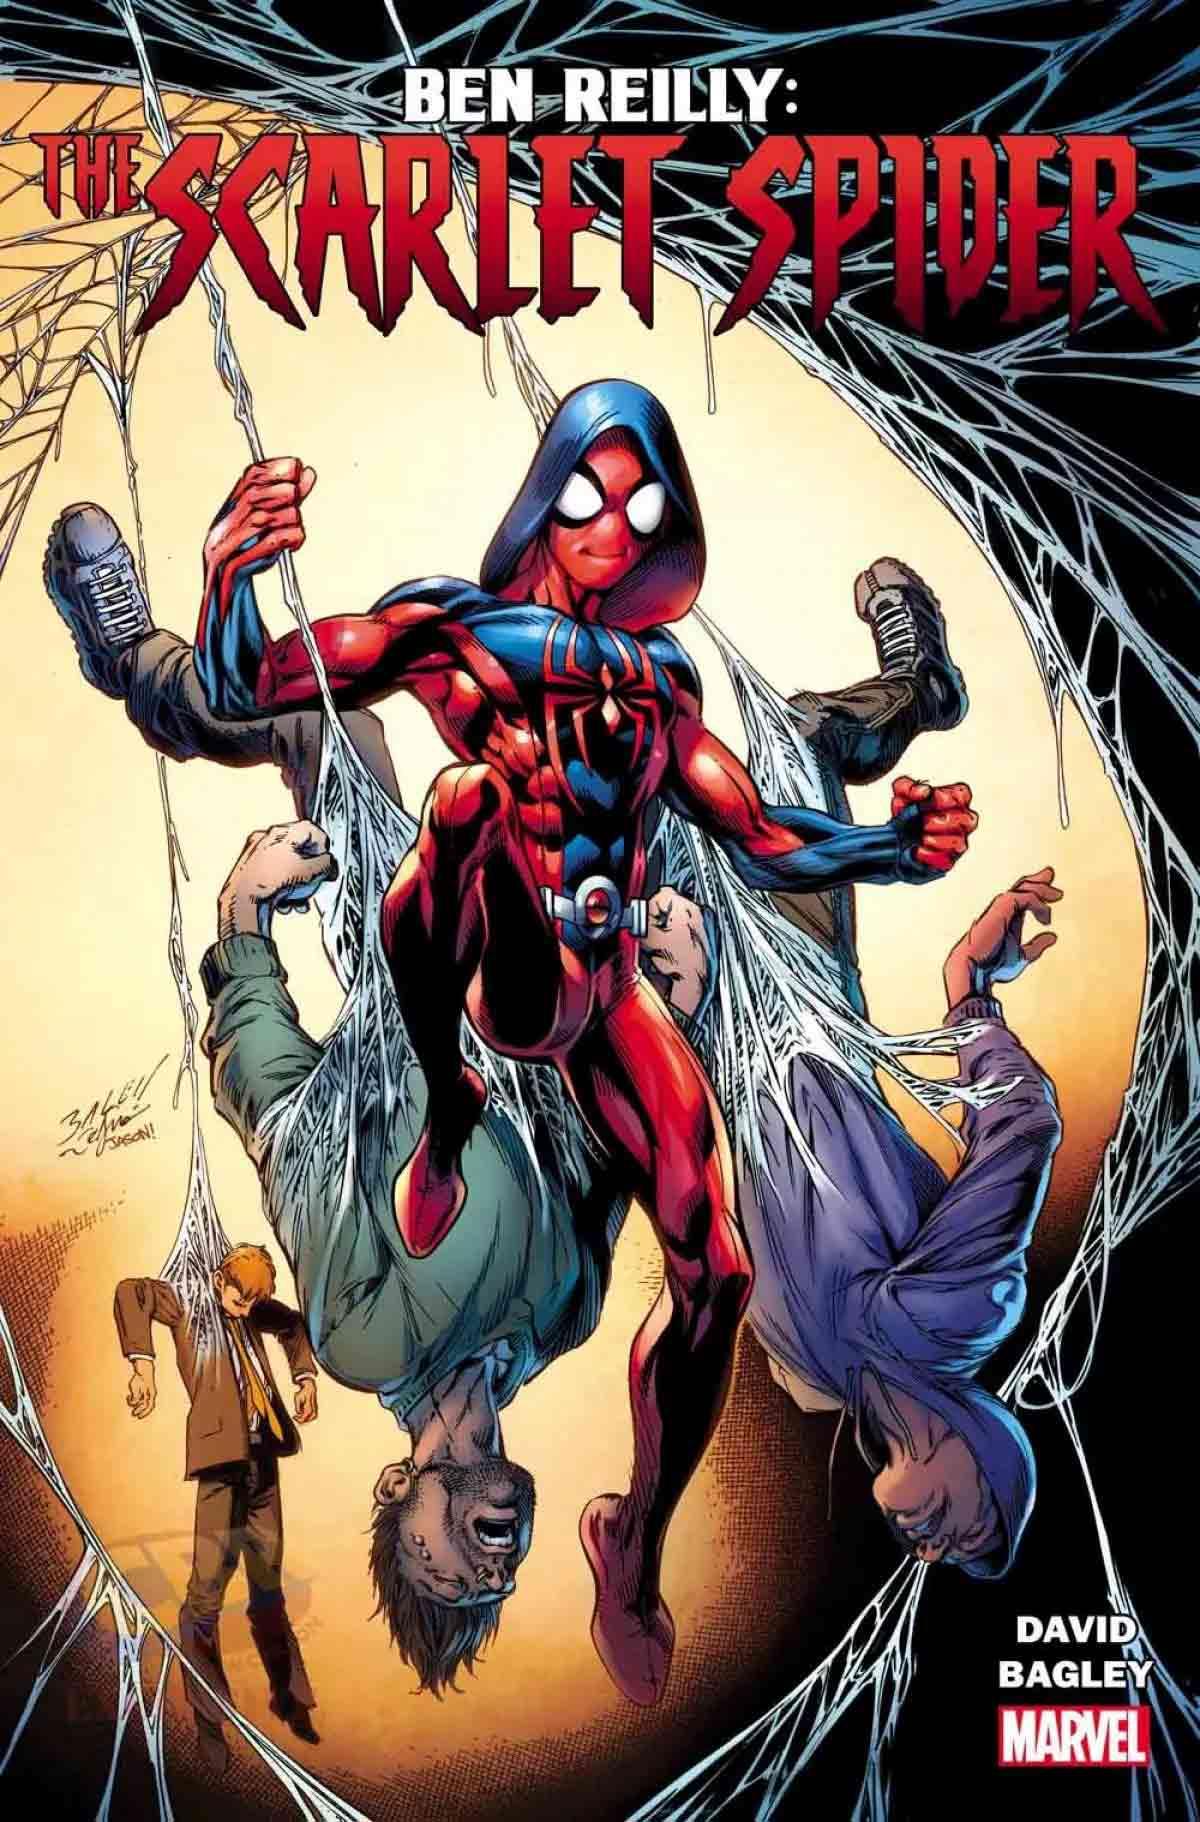 Una nueva versión de Spider-Man podría enfrentarse a Venom en el cine